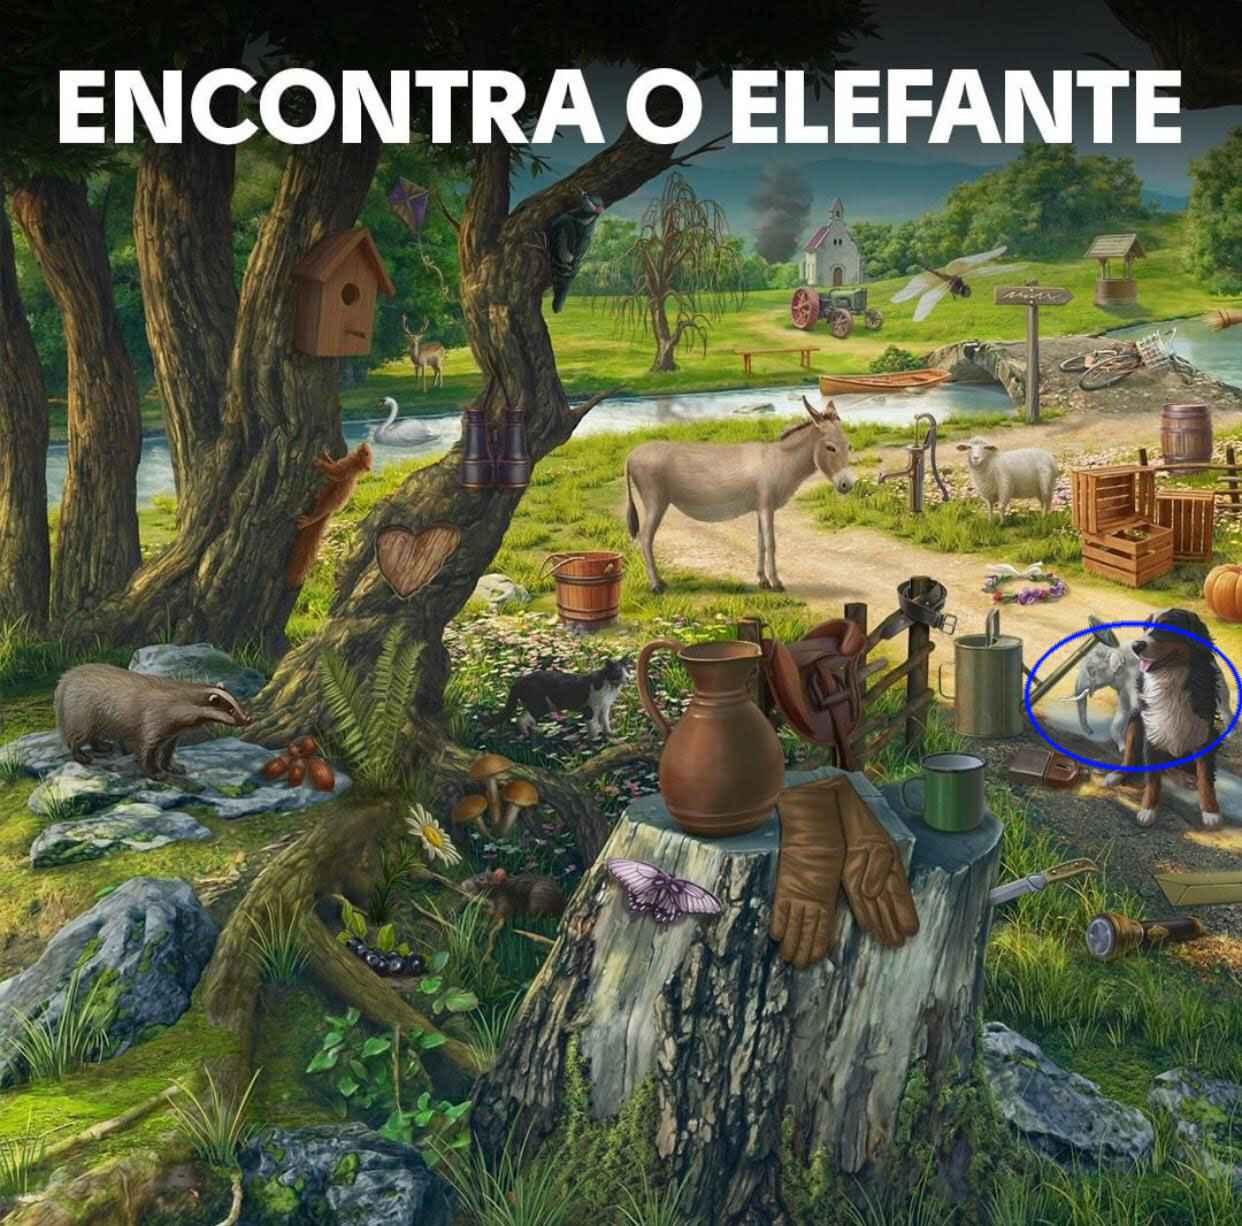 econtra-encontre-o-elefante-resposta